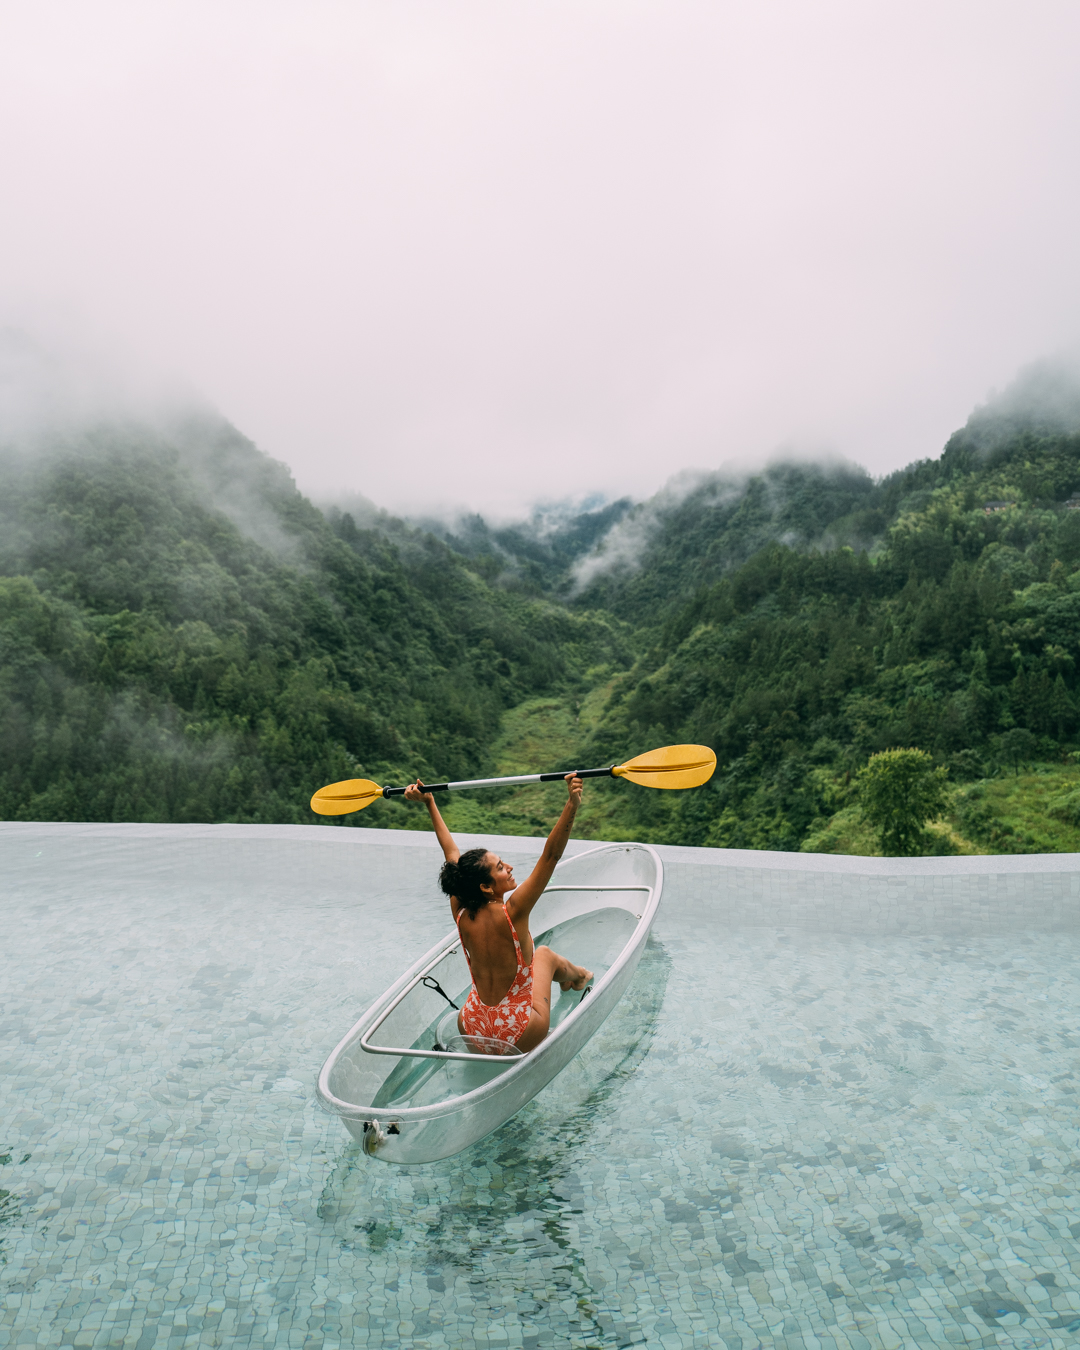 women in kayak at the pool at zhangjiajie